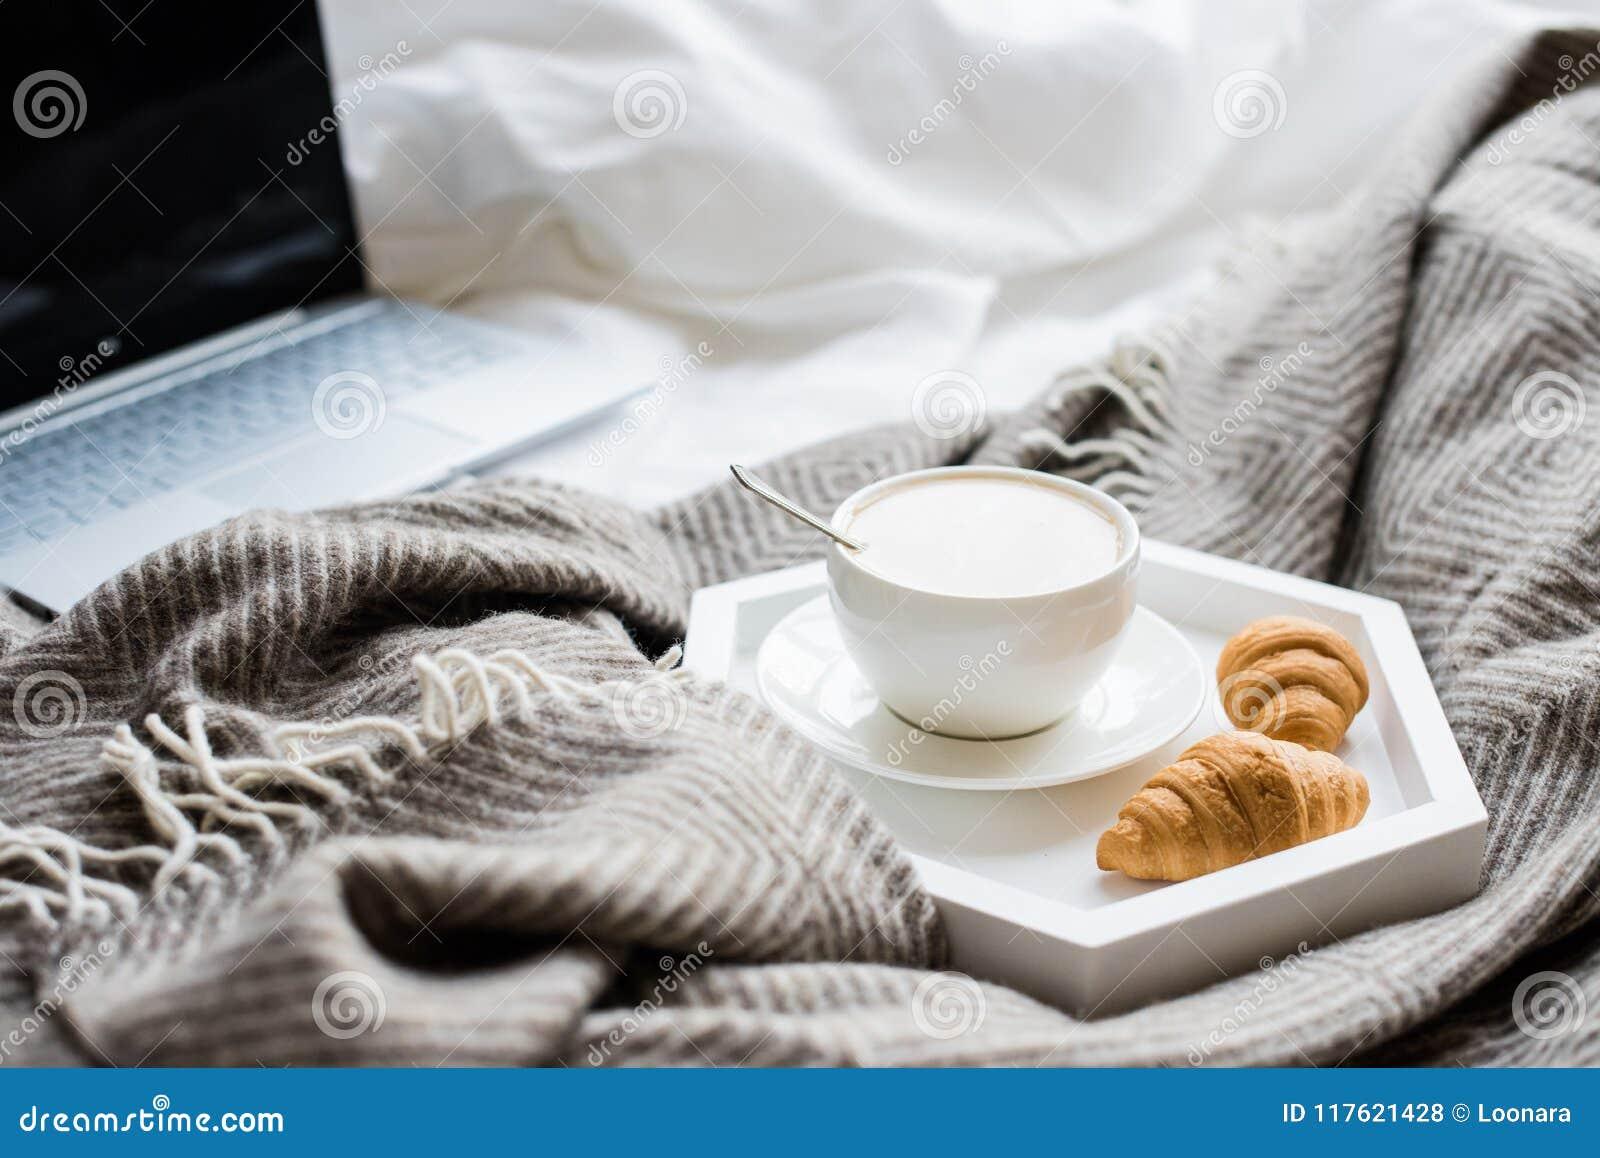 Wygodny Weekend W Domu Laptop I Kawa W łóżku Zdjęcie Stock